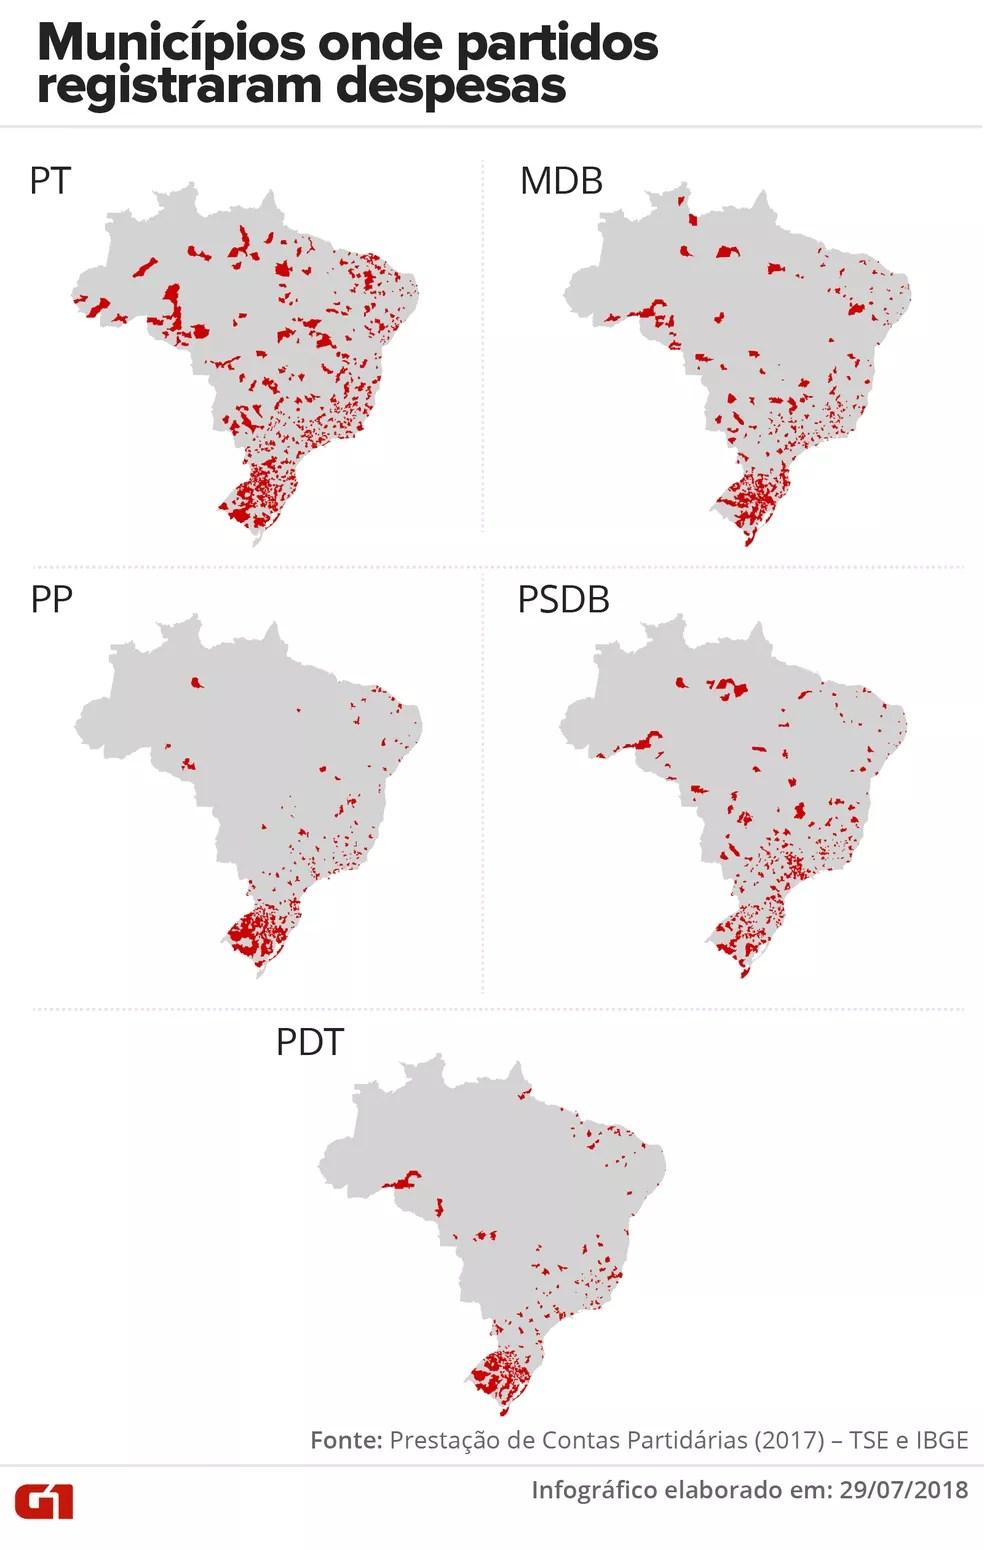 Municípios onde partidos registraram despesas (Foto: Lucas Gelape e Karina Almeida/G1)